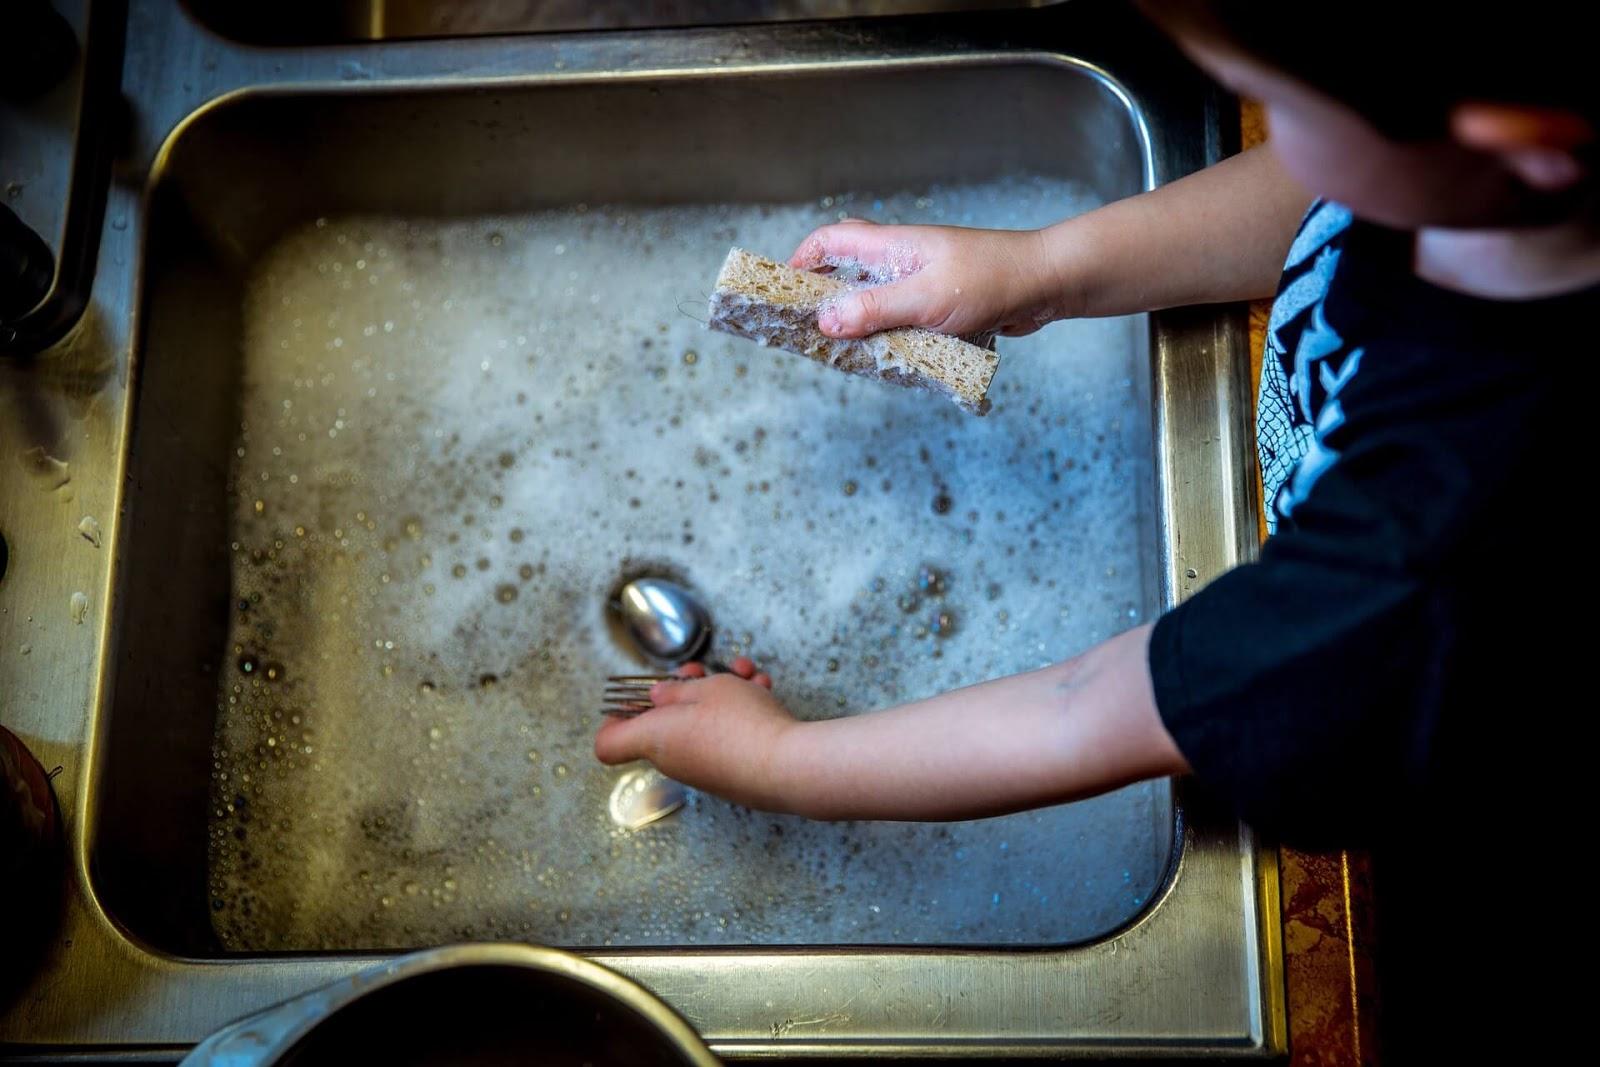 jak nauczyć dziecko sprzątać, sprzątanie, dzieci sprzątają